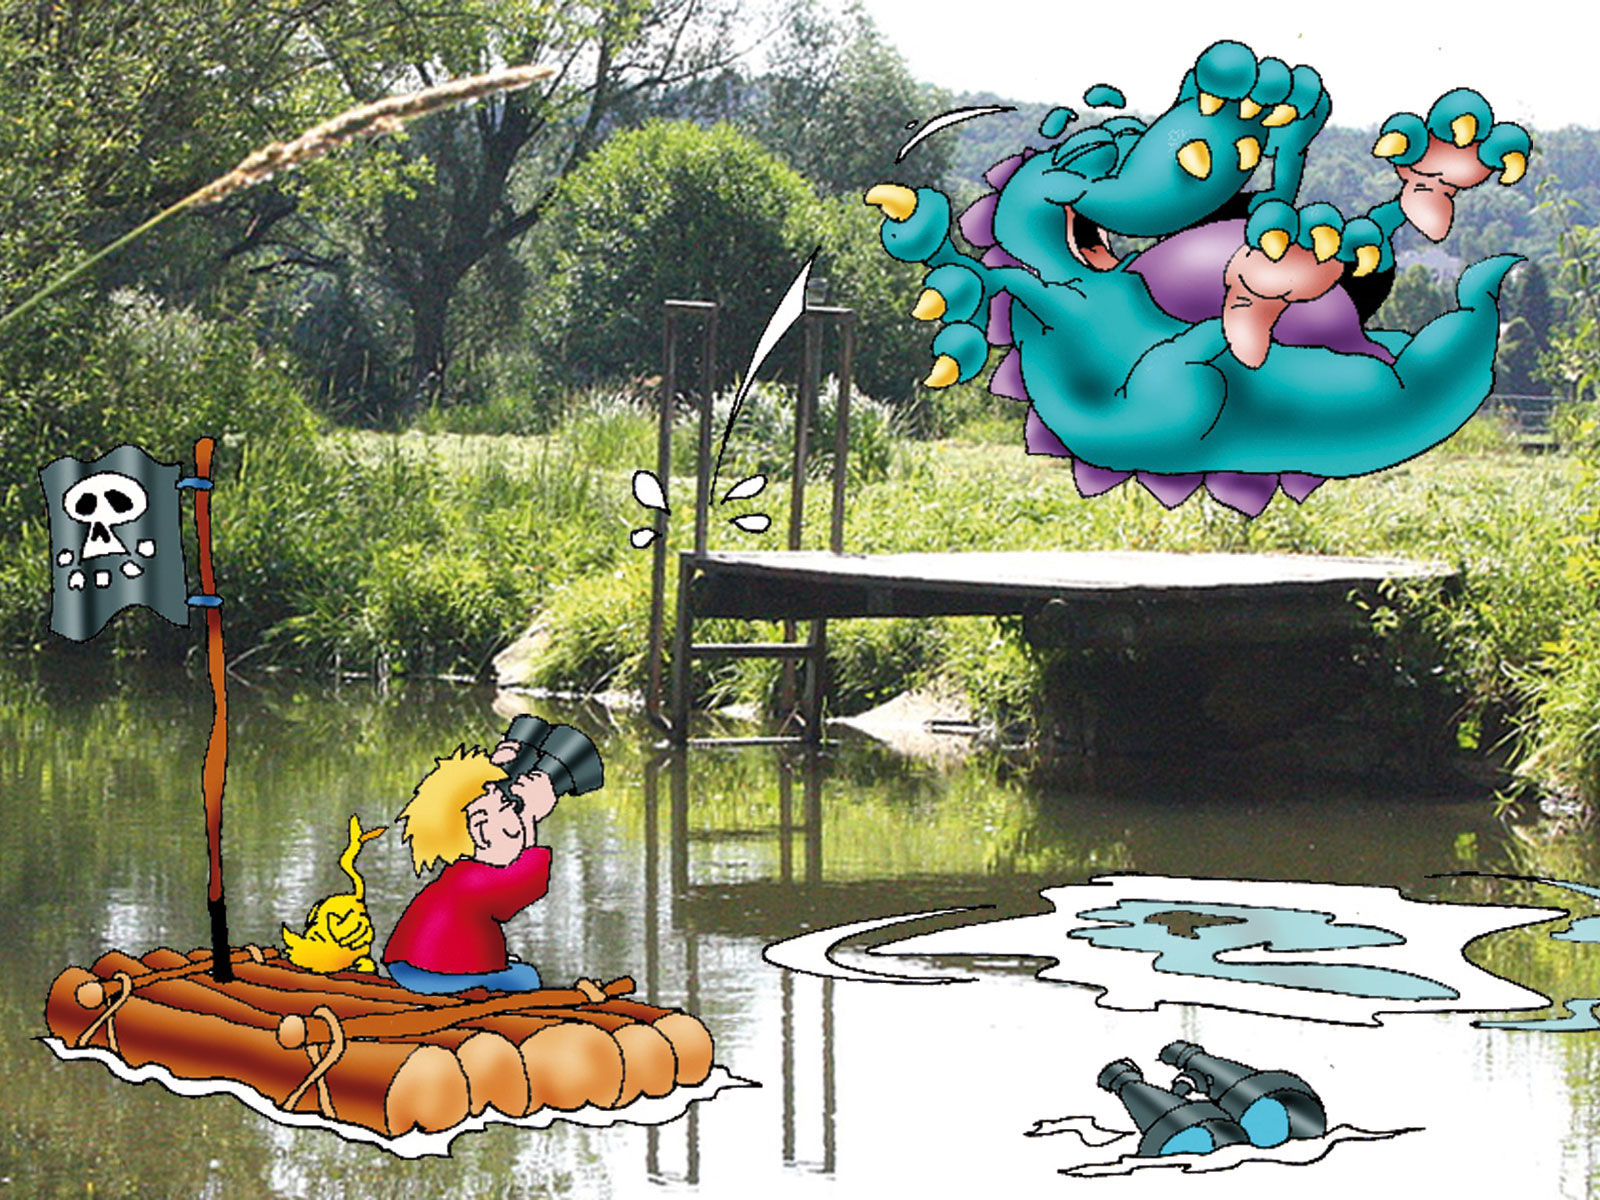 Das Schmutterding springt ins Wasser während Julius auf dem Floß sitzt. Illustration: Roland Prillwitz von Prillwitz & Fischer